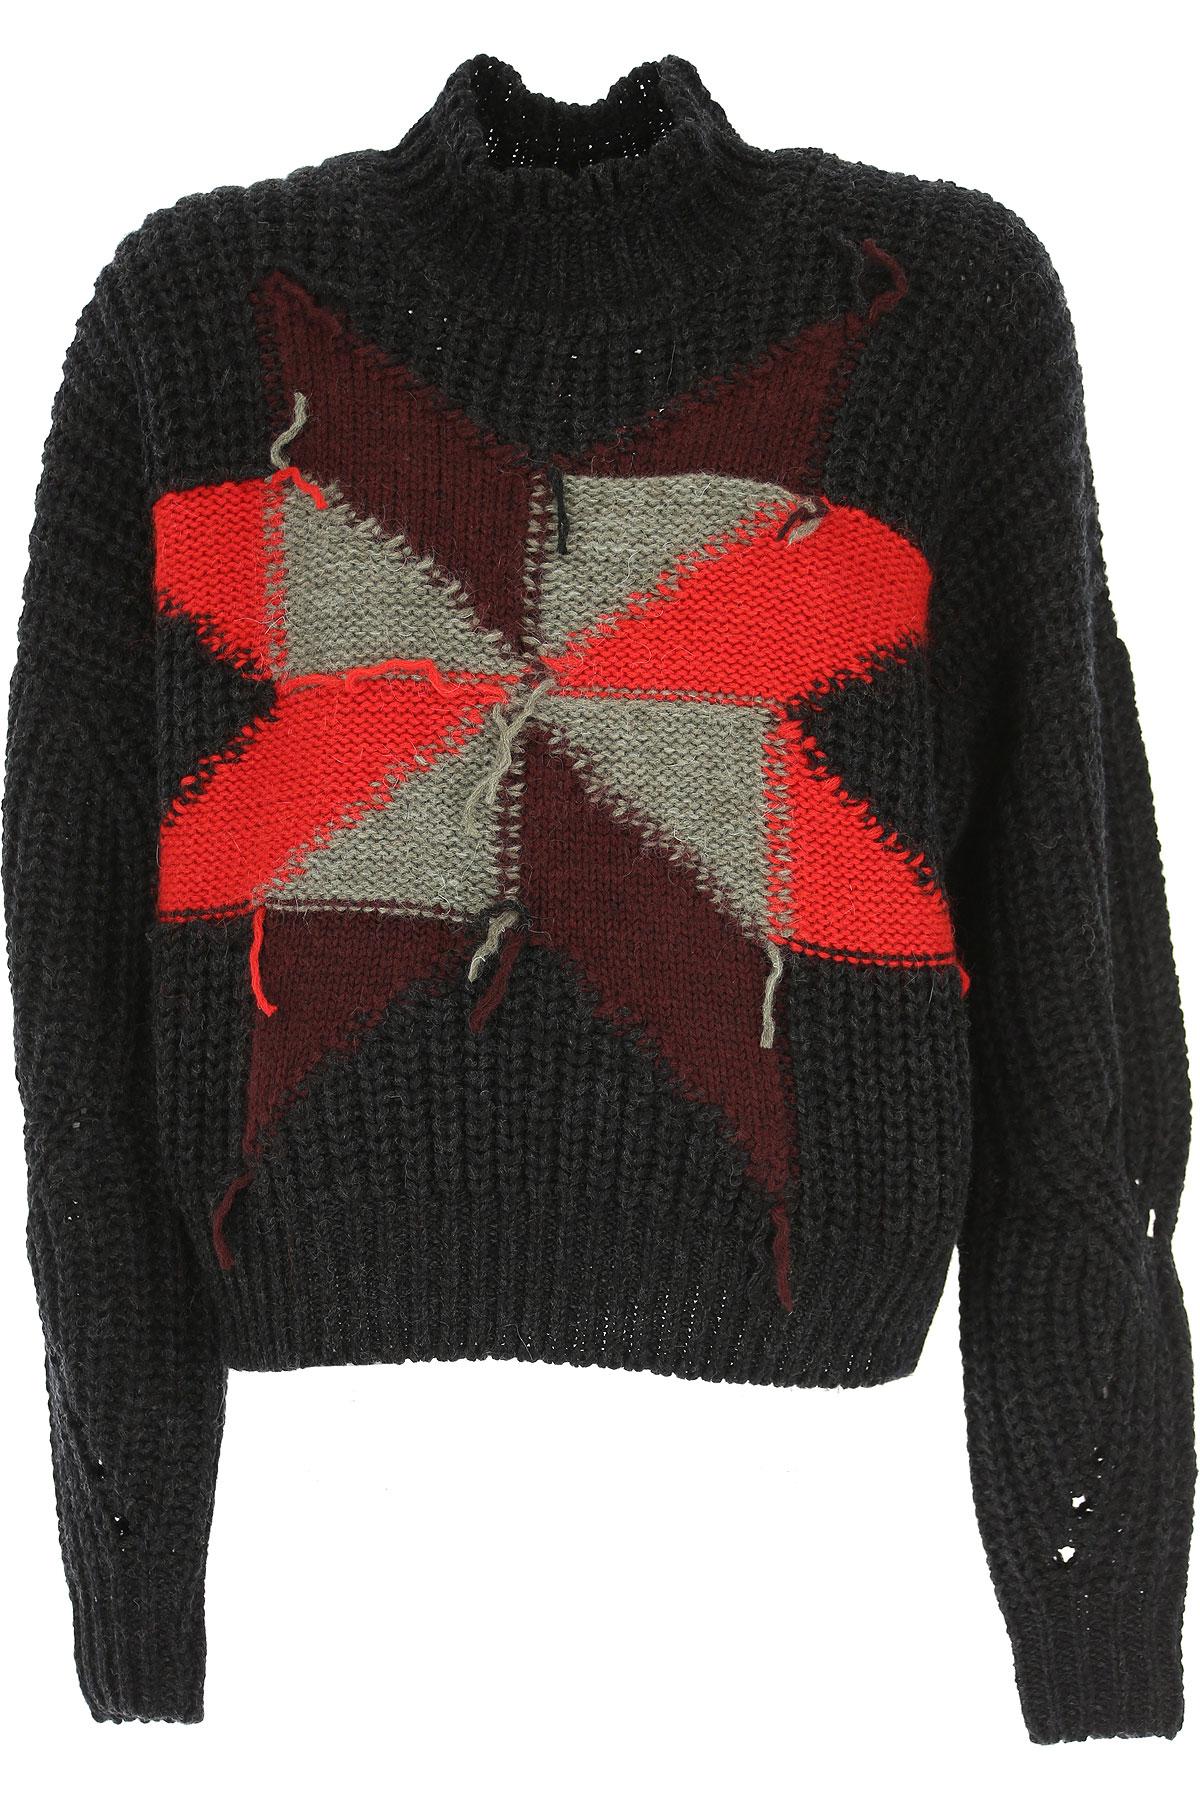 Isabel Marant Sweater for Women Jumper, Black, Wool, 2017, FR 34 • IT 38 FR 36 • IT 40 FR 38 • IT 42 USA-478762